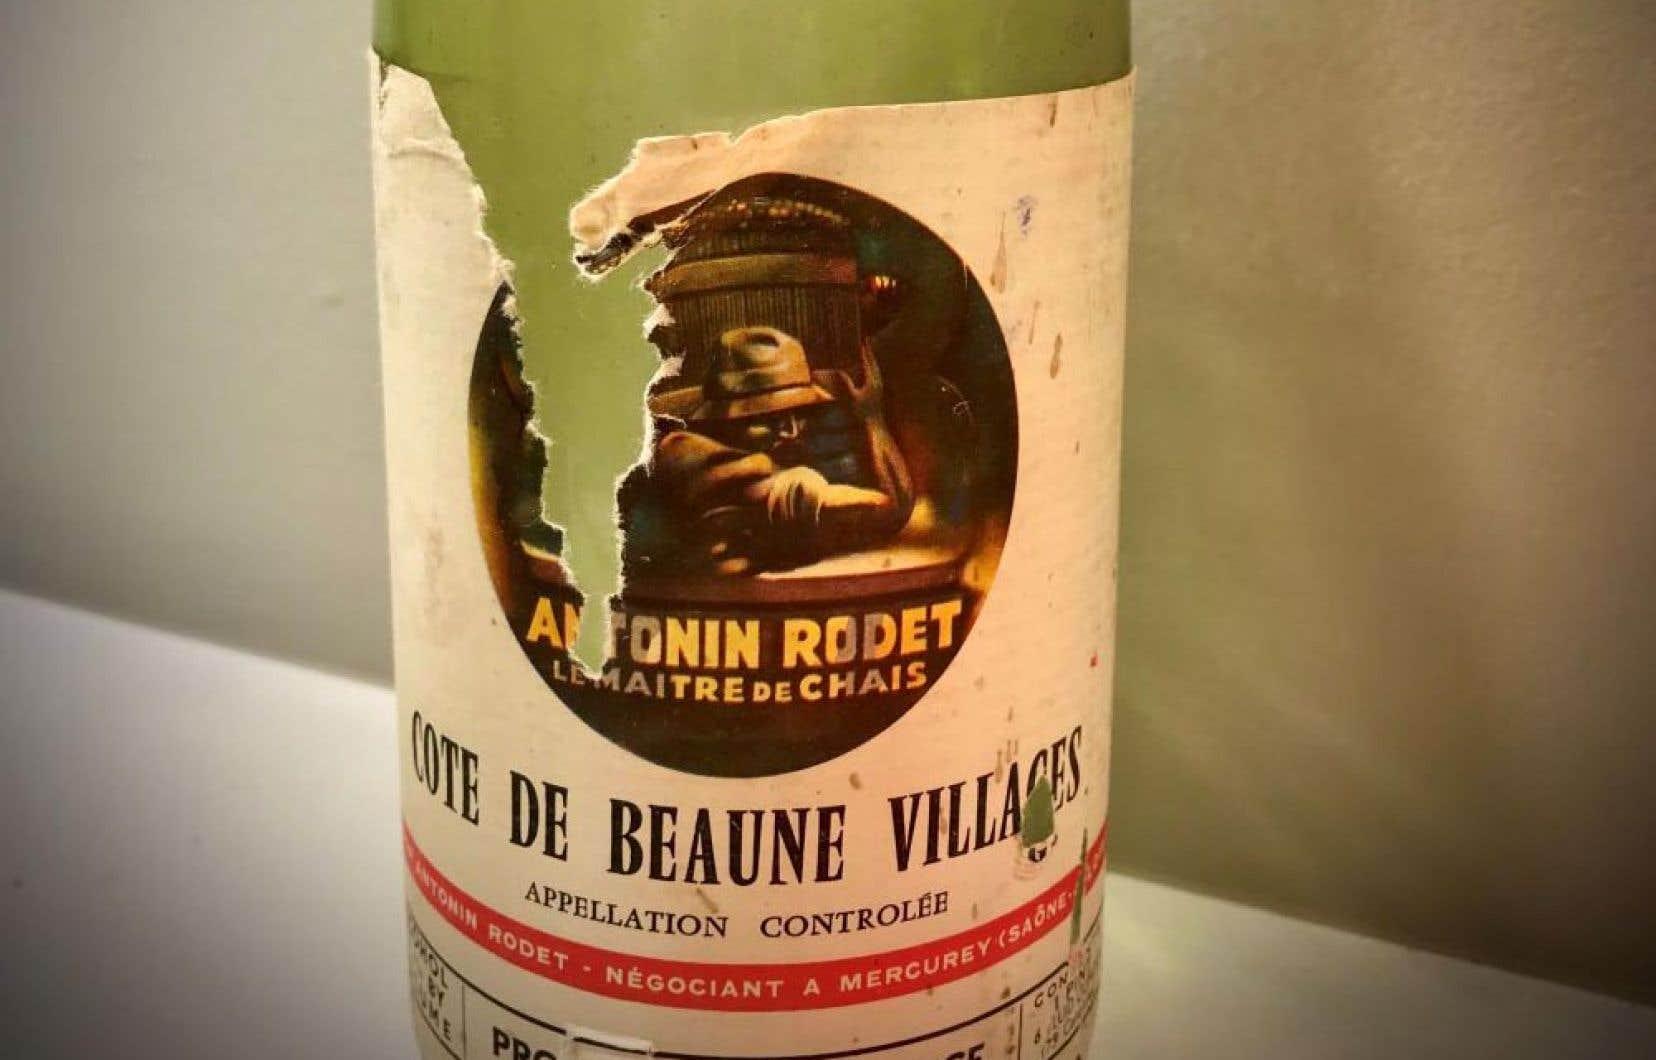 Regardez bien cette étiquette. L'œnographile passerait ici son chemin. Or l'amateur de vin, je veux dire celui qui boit réellement le contenu de la bouteille, y trouverait sans doute son compte avec ce Côte de Beaune Villages 1961 de la maison de négoce Antonin Rodet.